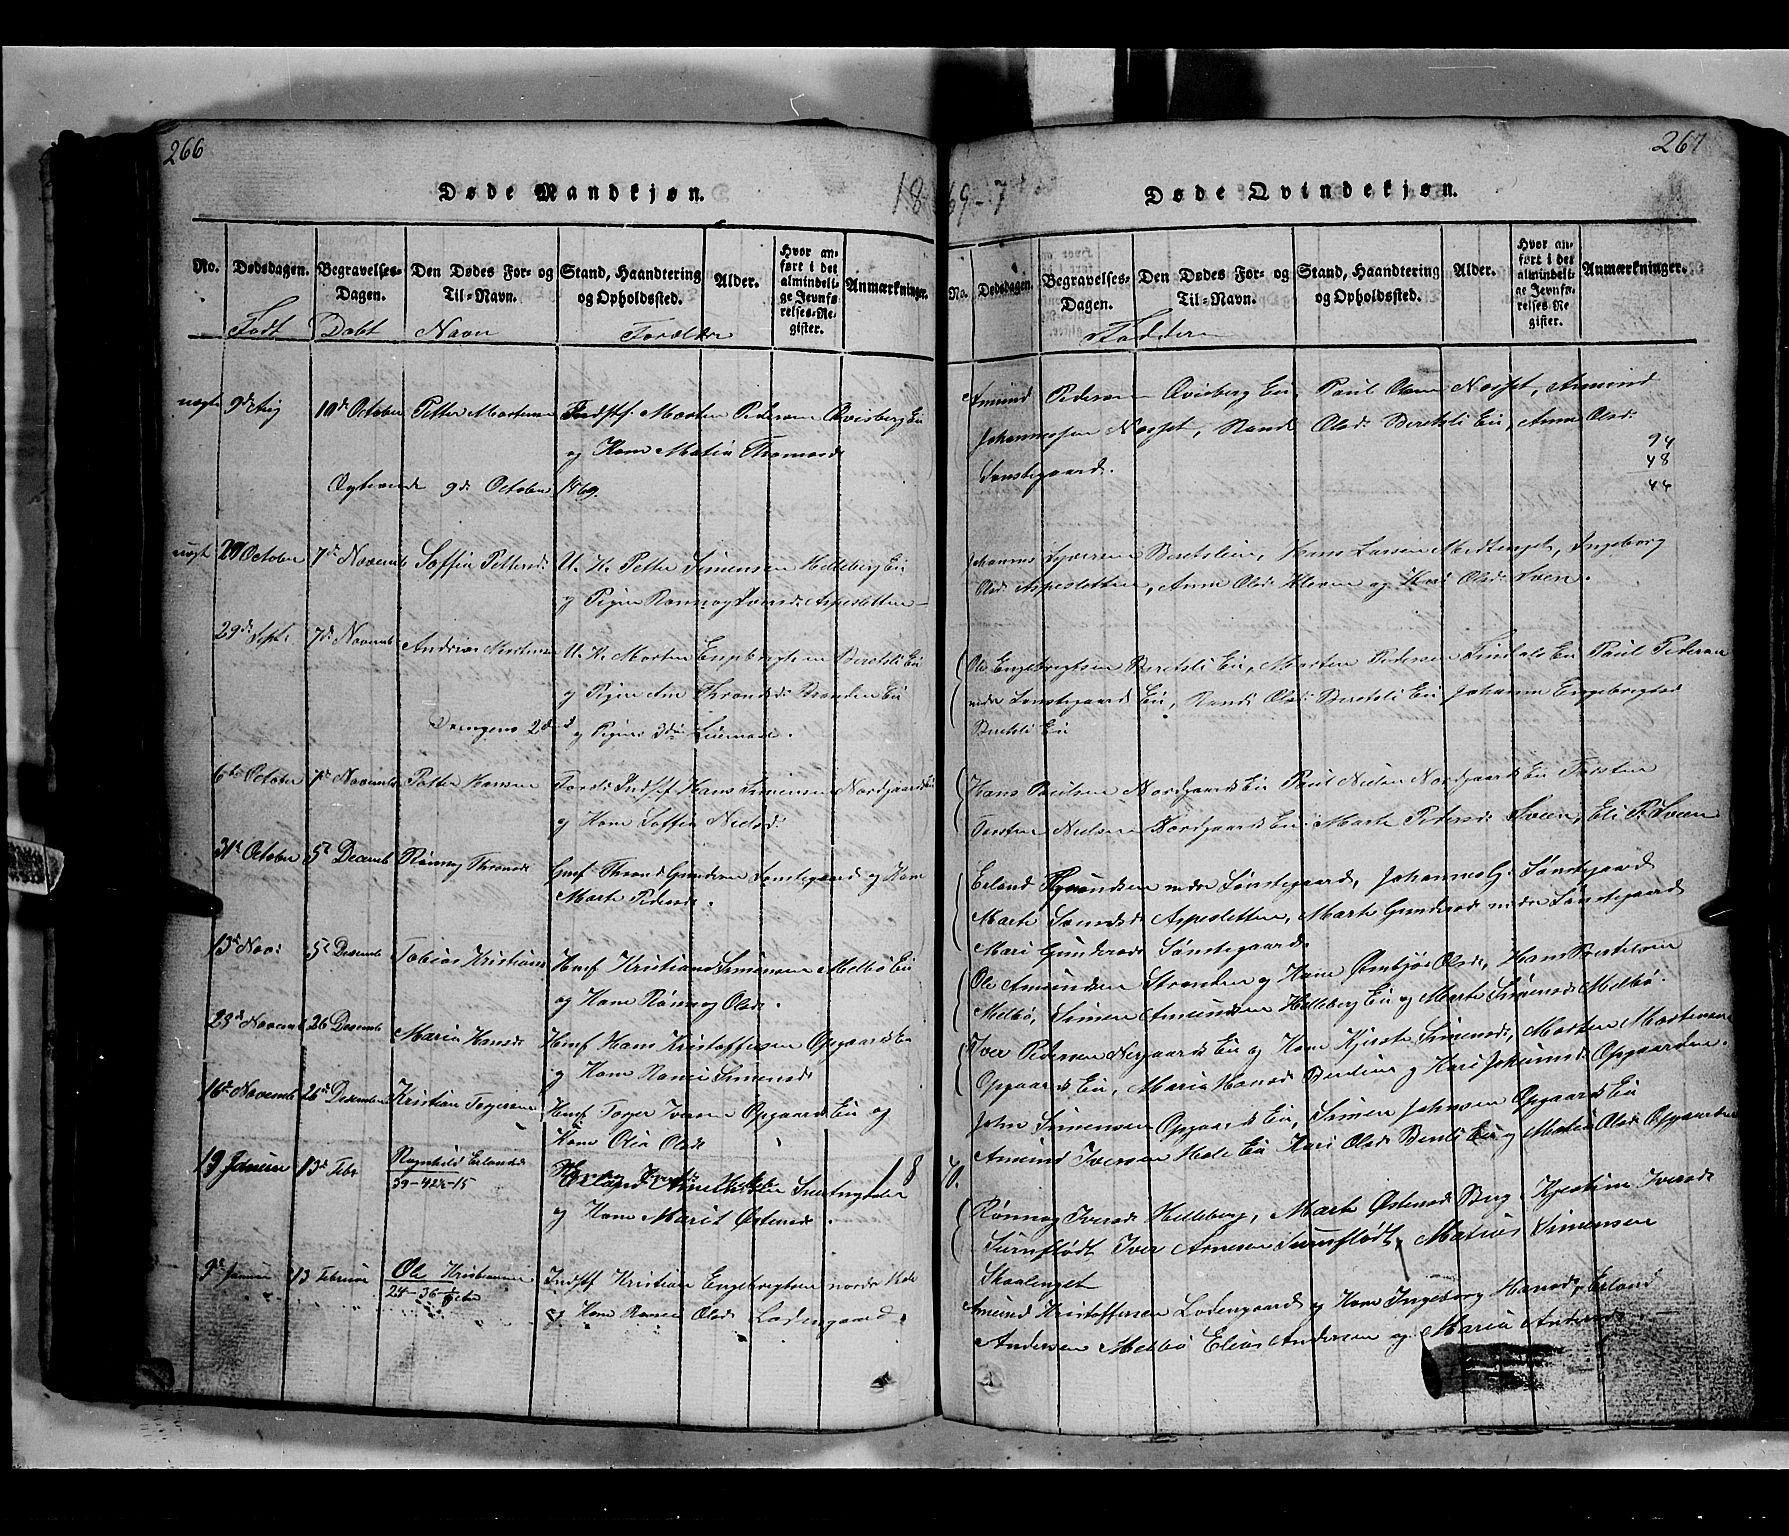 SAH, Gausdal prestekontor, Klokkerbok nr. 2, 1818-1874, s. 266-267